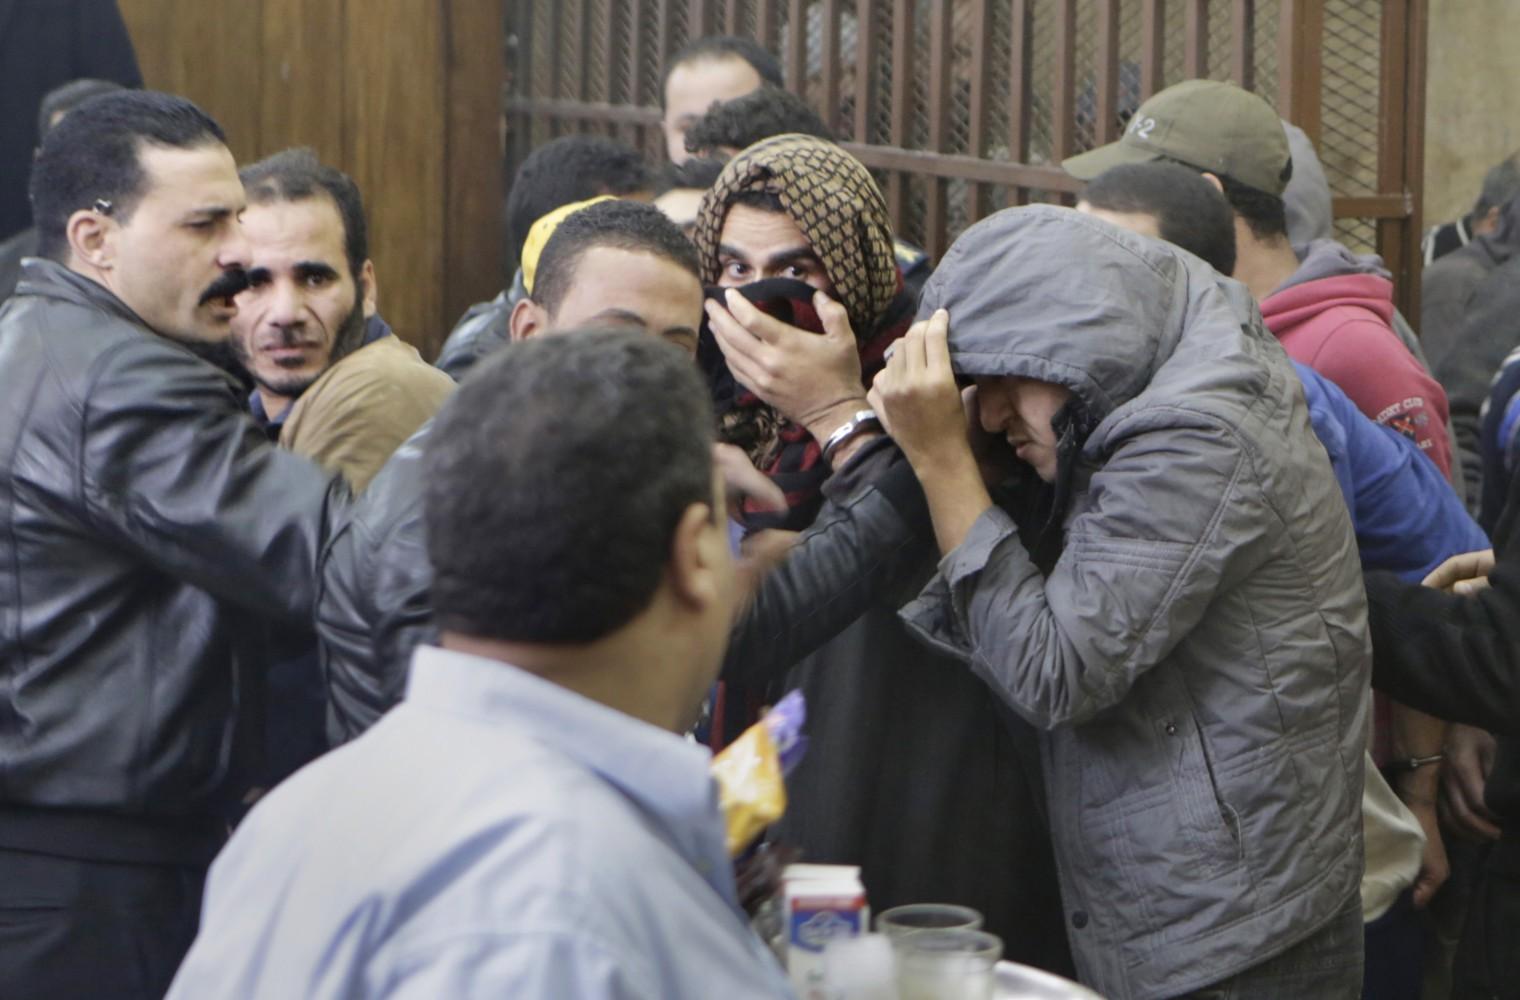 Понять и простить: В Египте оправдали участников гей-оргии в бане